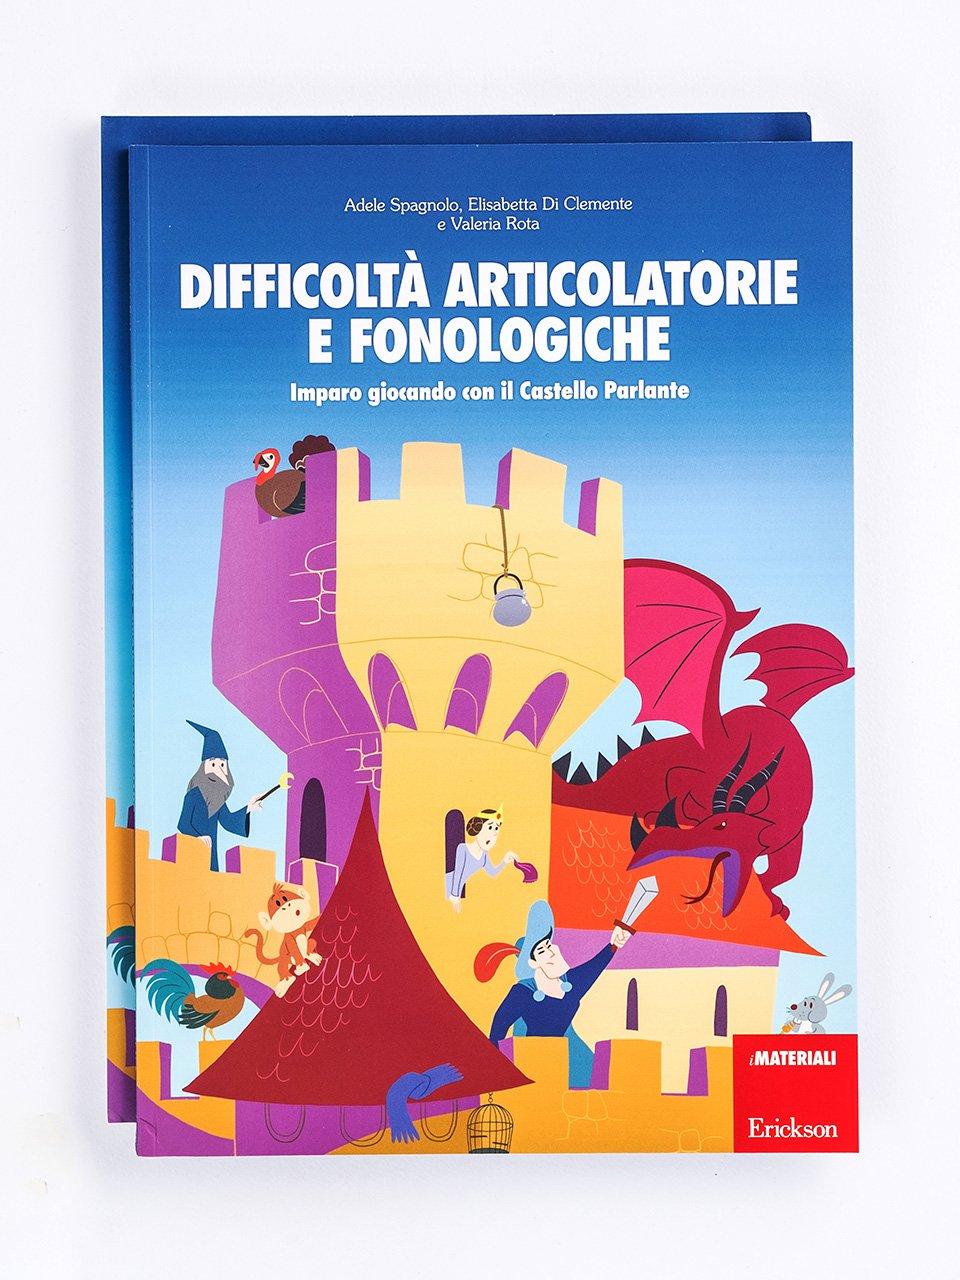 Difficoltà articolatorie e fonologiche - Test TVL - Valutazione del linguaggio - Libri - Strumenti - Erickson